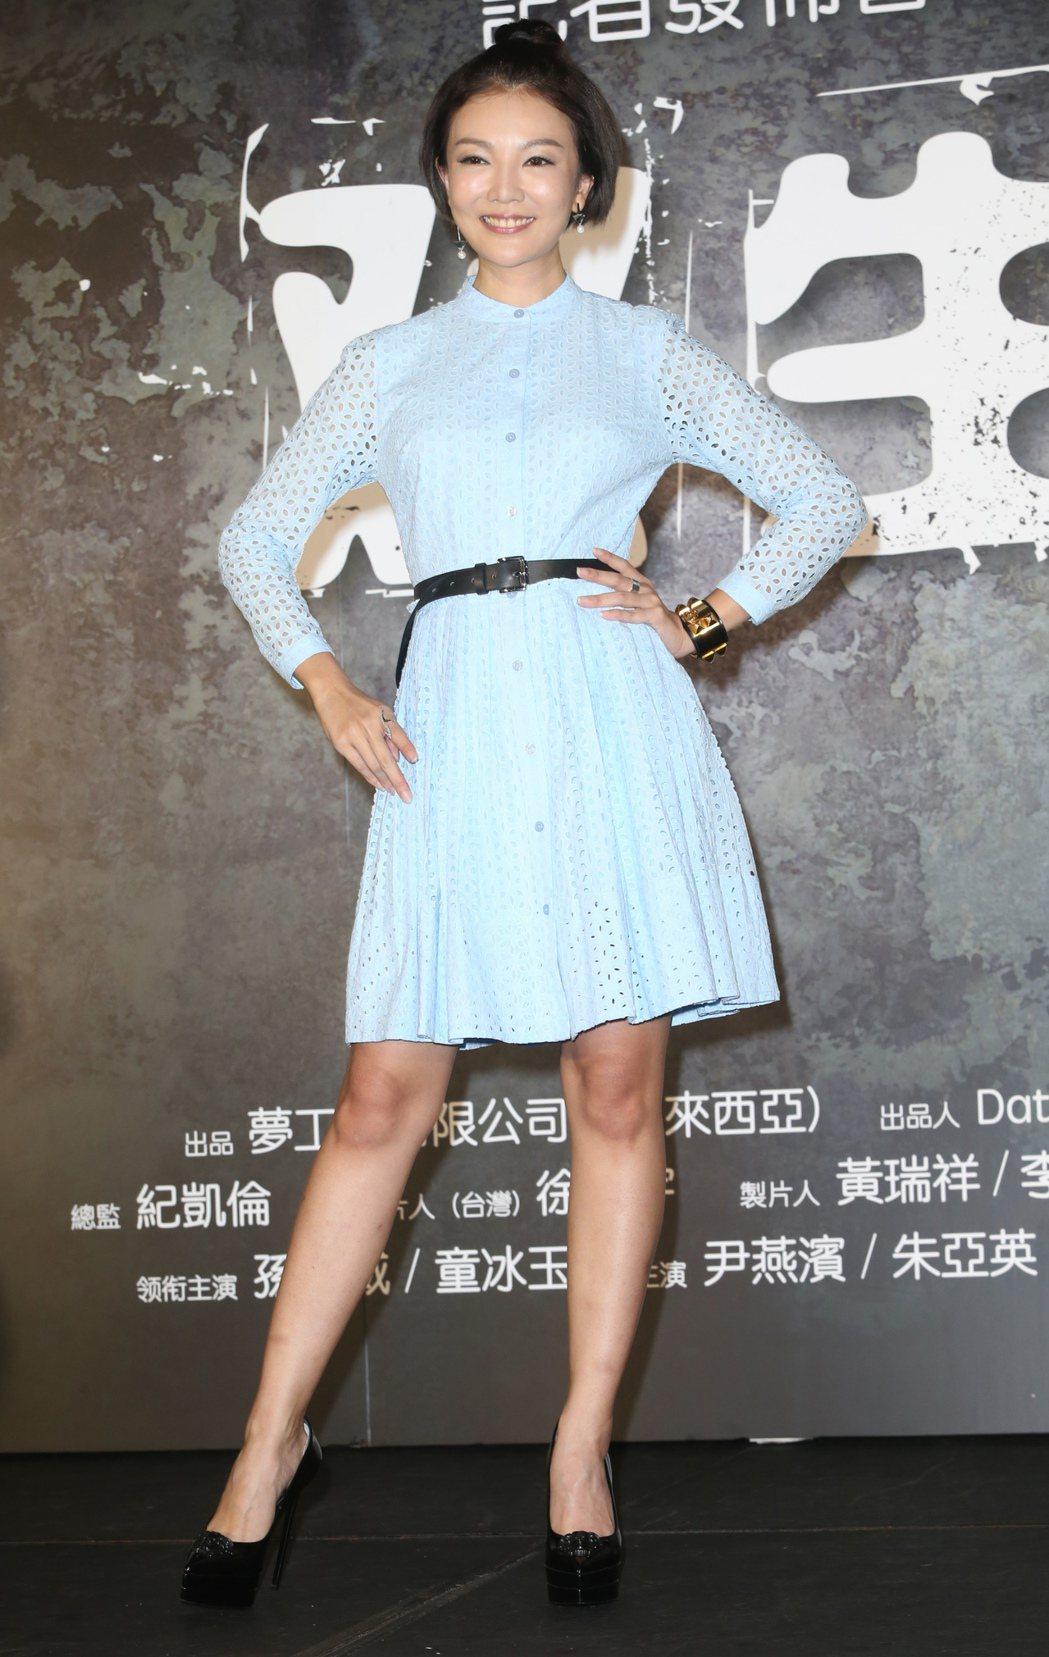 電影《双生》在台北舉行開機記者會,劇中女主角童冰玉出席記者會。記者徐兆玄/攝影